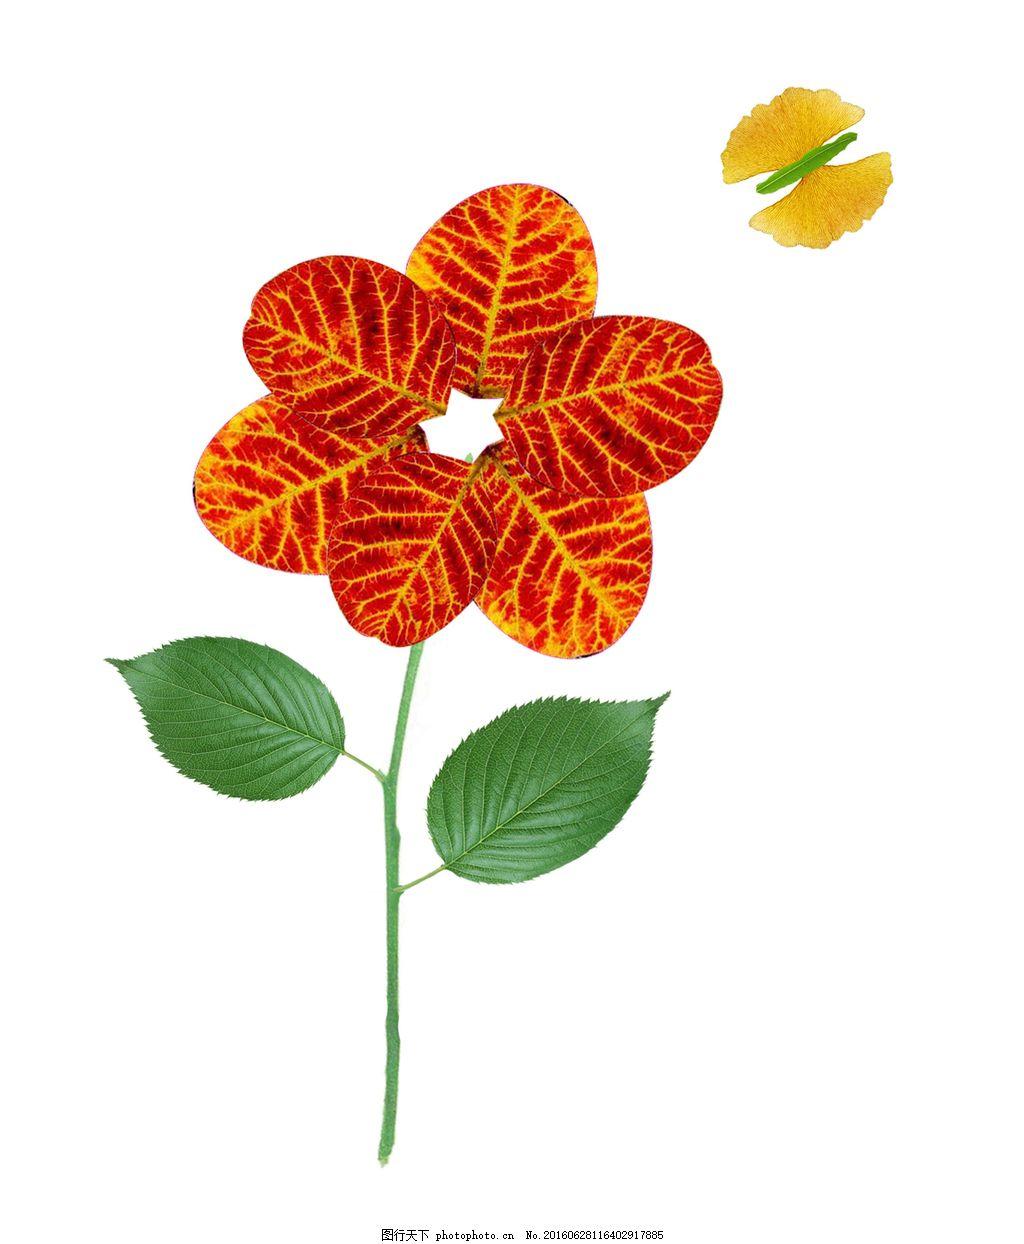 枫叶粘贴画高清图片下载,树叶 花朵 叶子 红叶 落叶